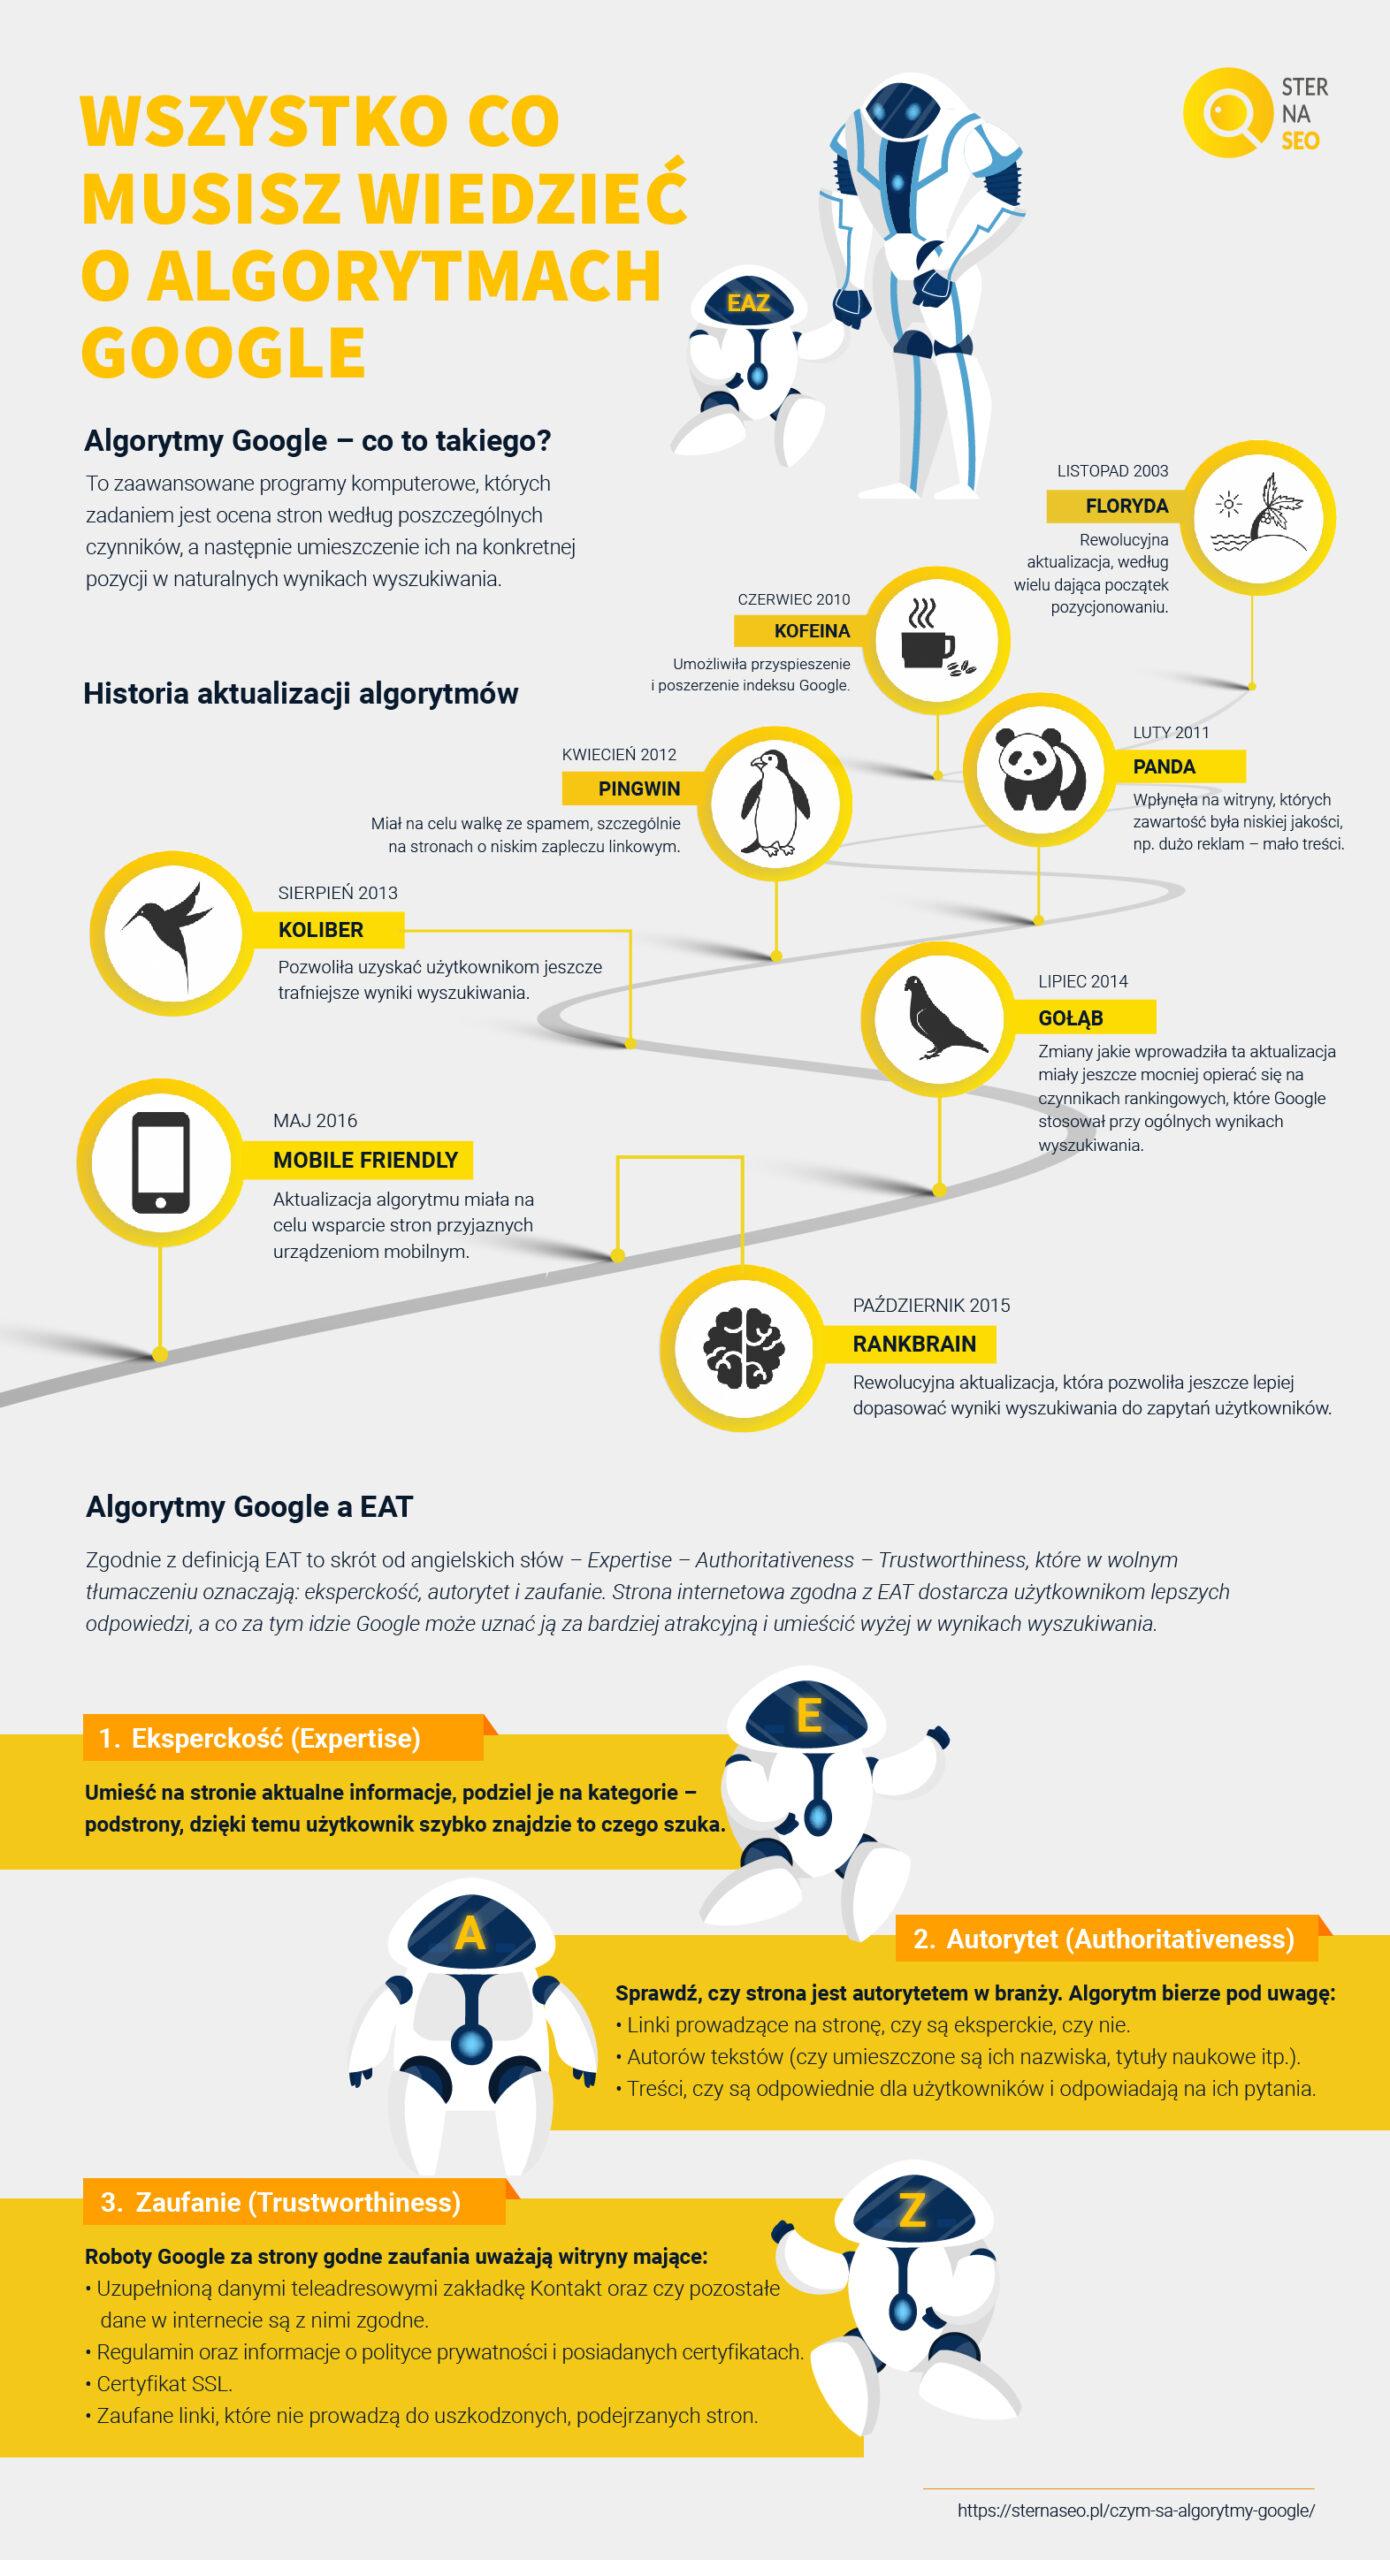 Wszystko co musisz wiedzieć o algorytmach Google